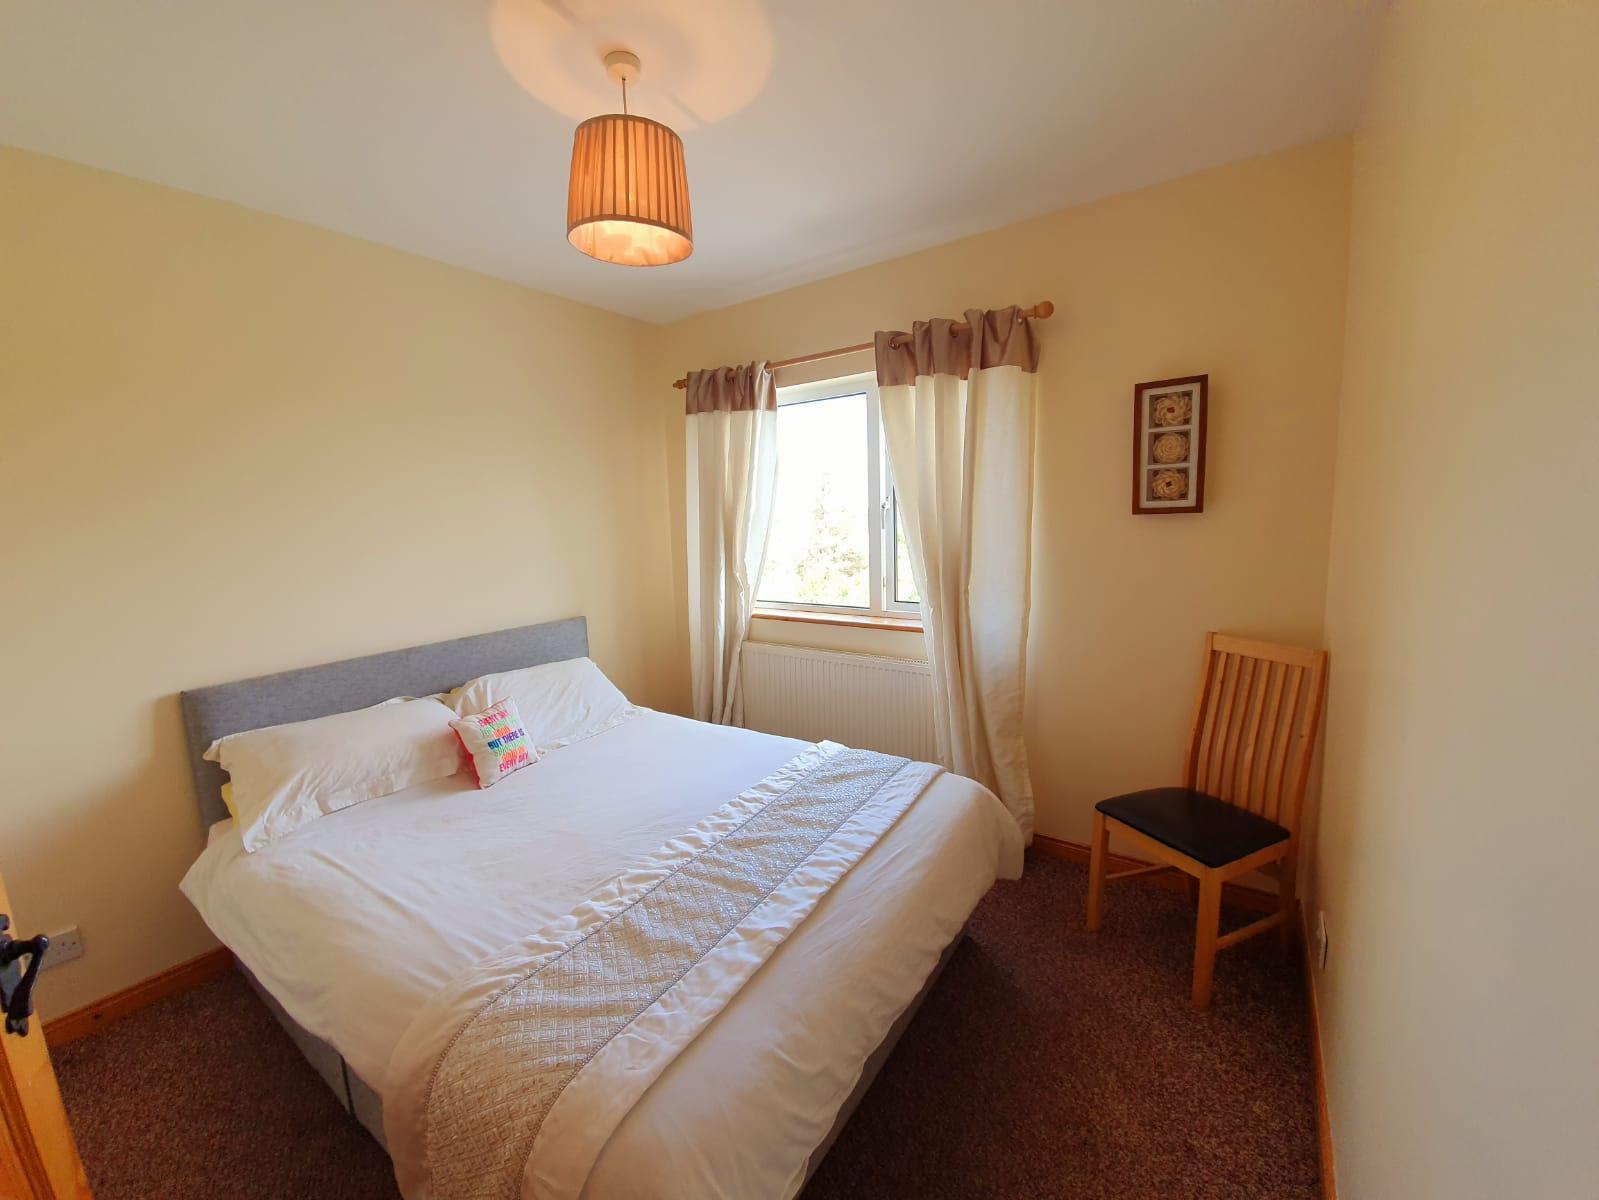 Mullis - Bedroom 2. side view